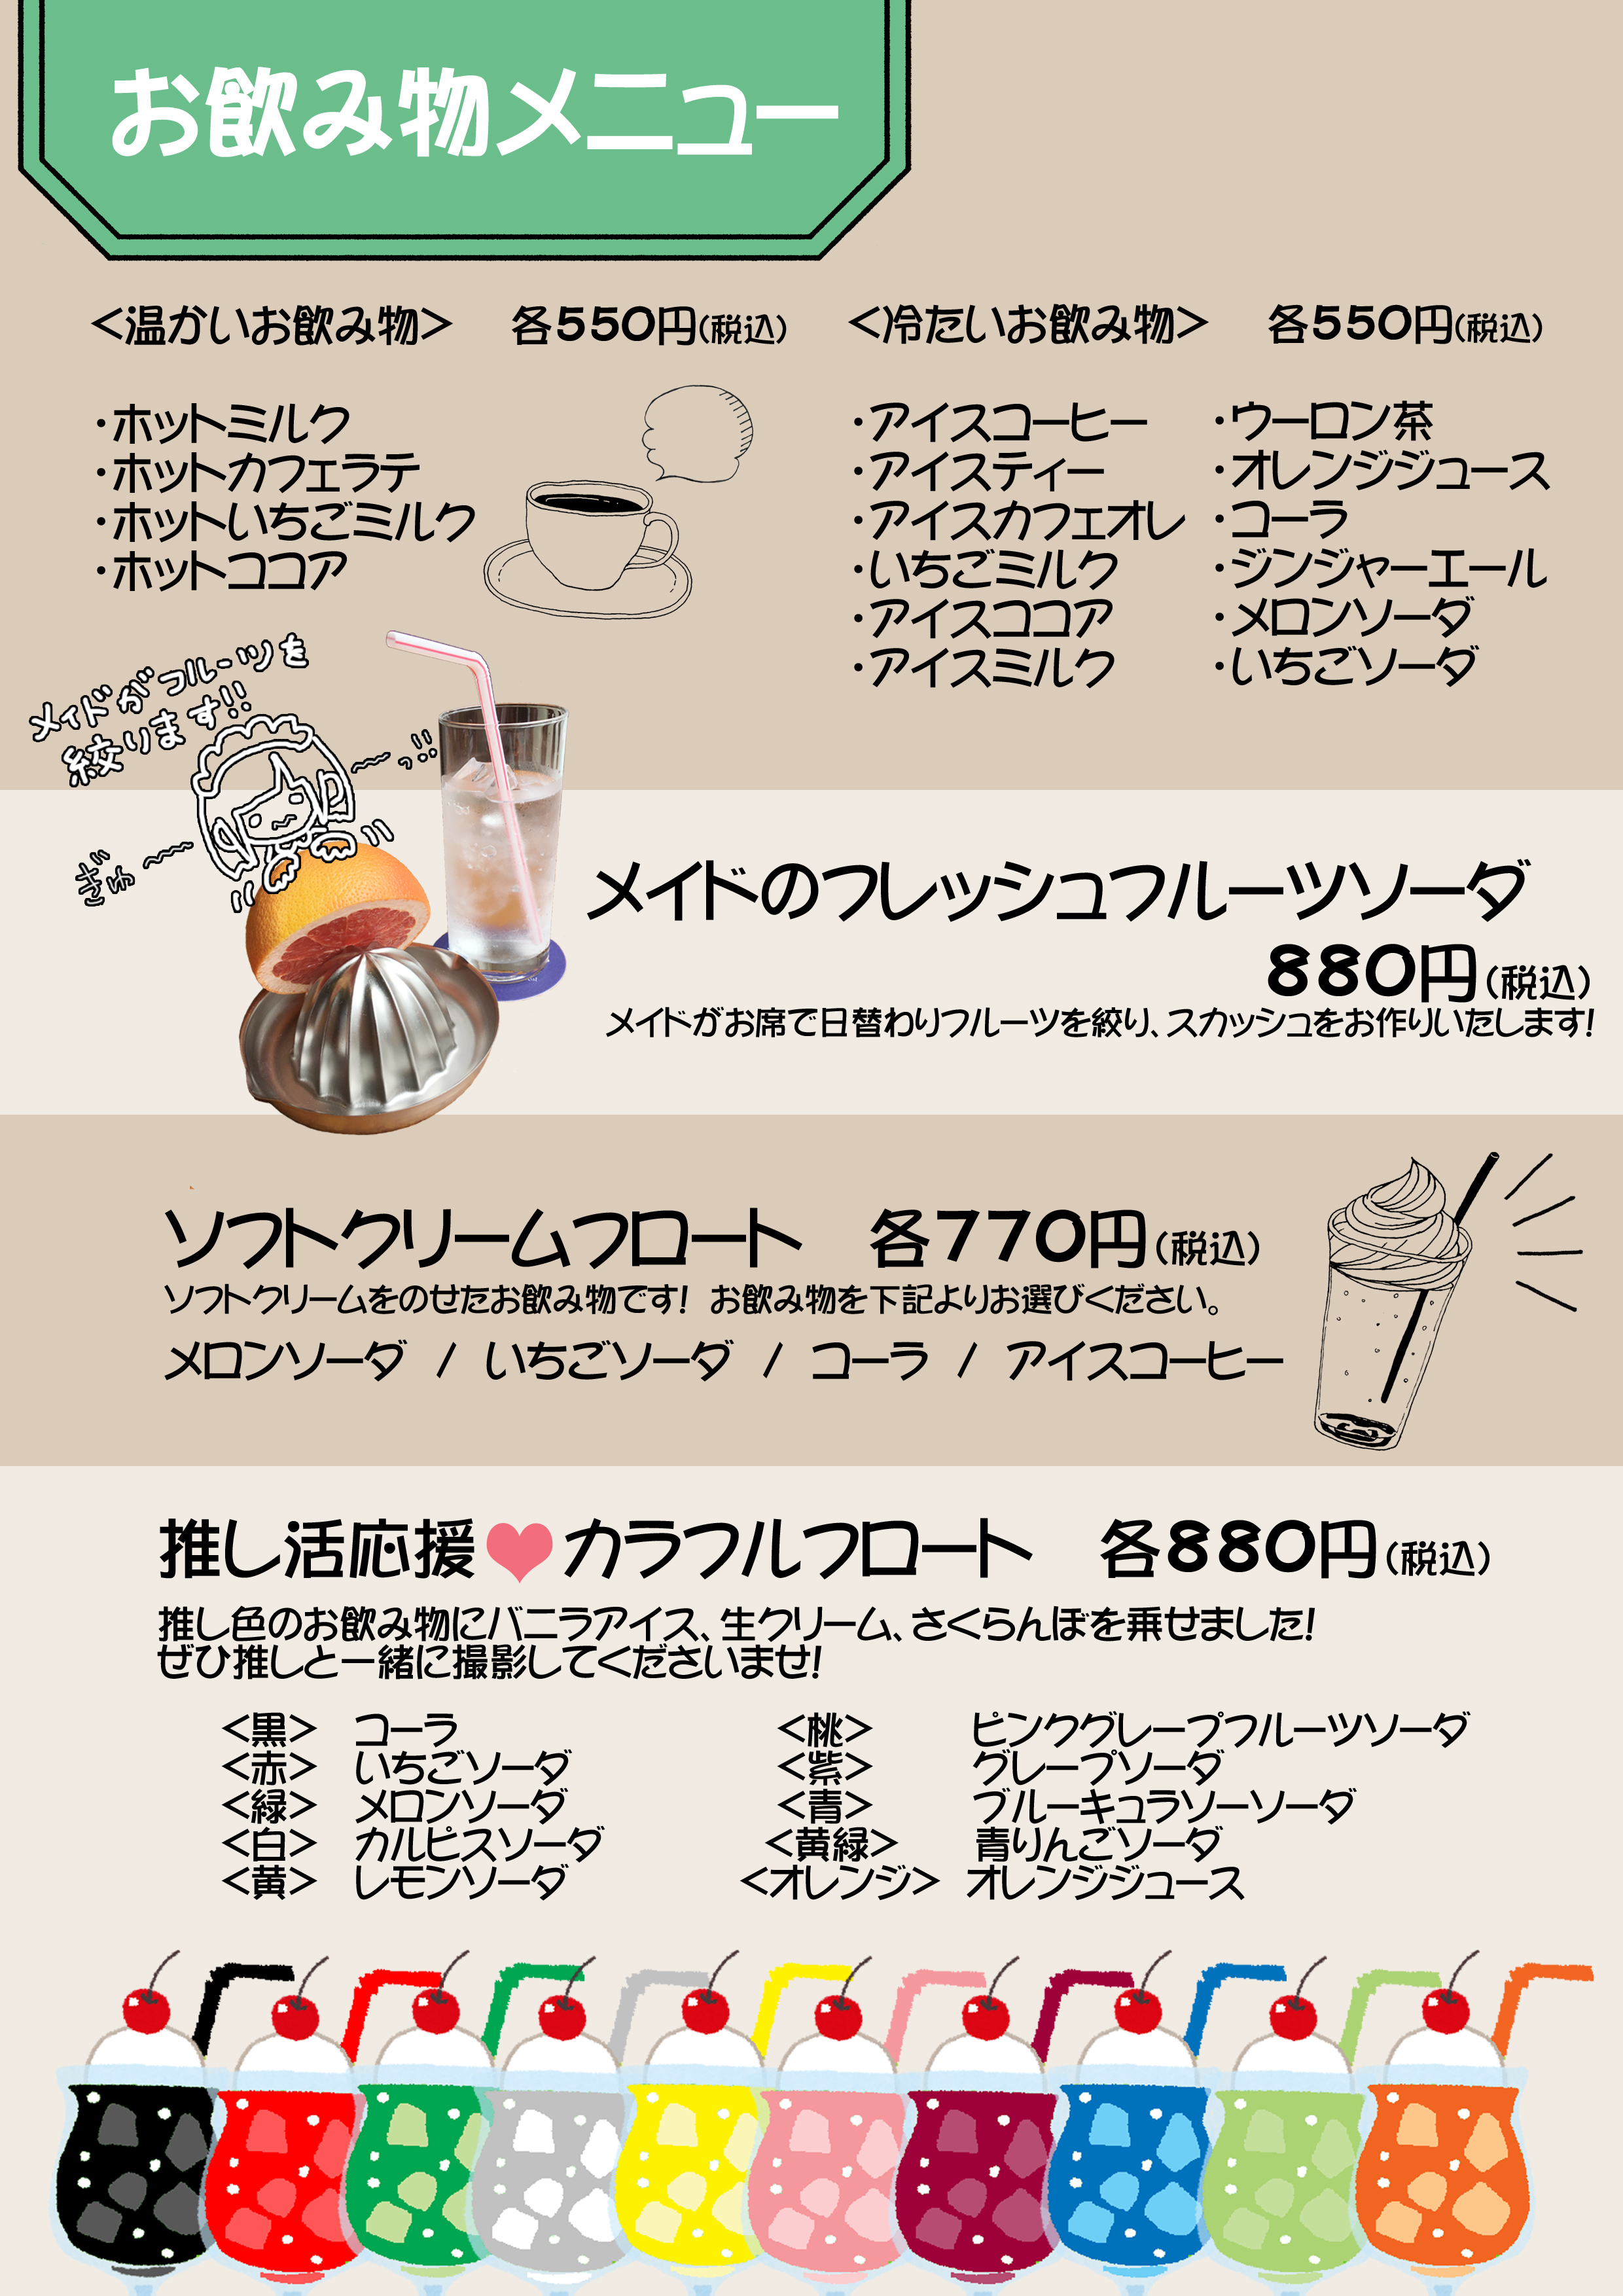 メニュー8 お飲み物メニュー20210401のコピー